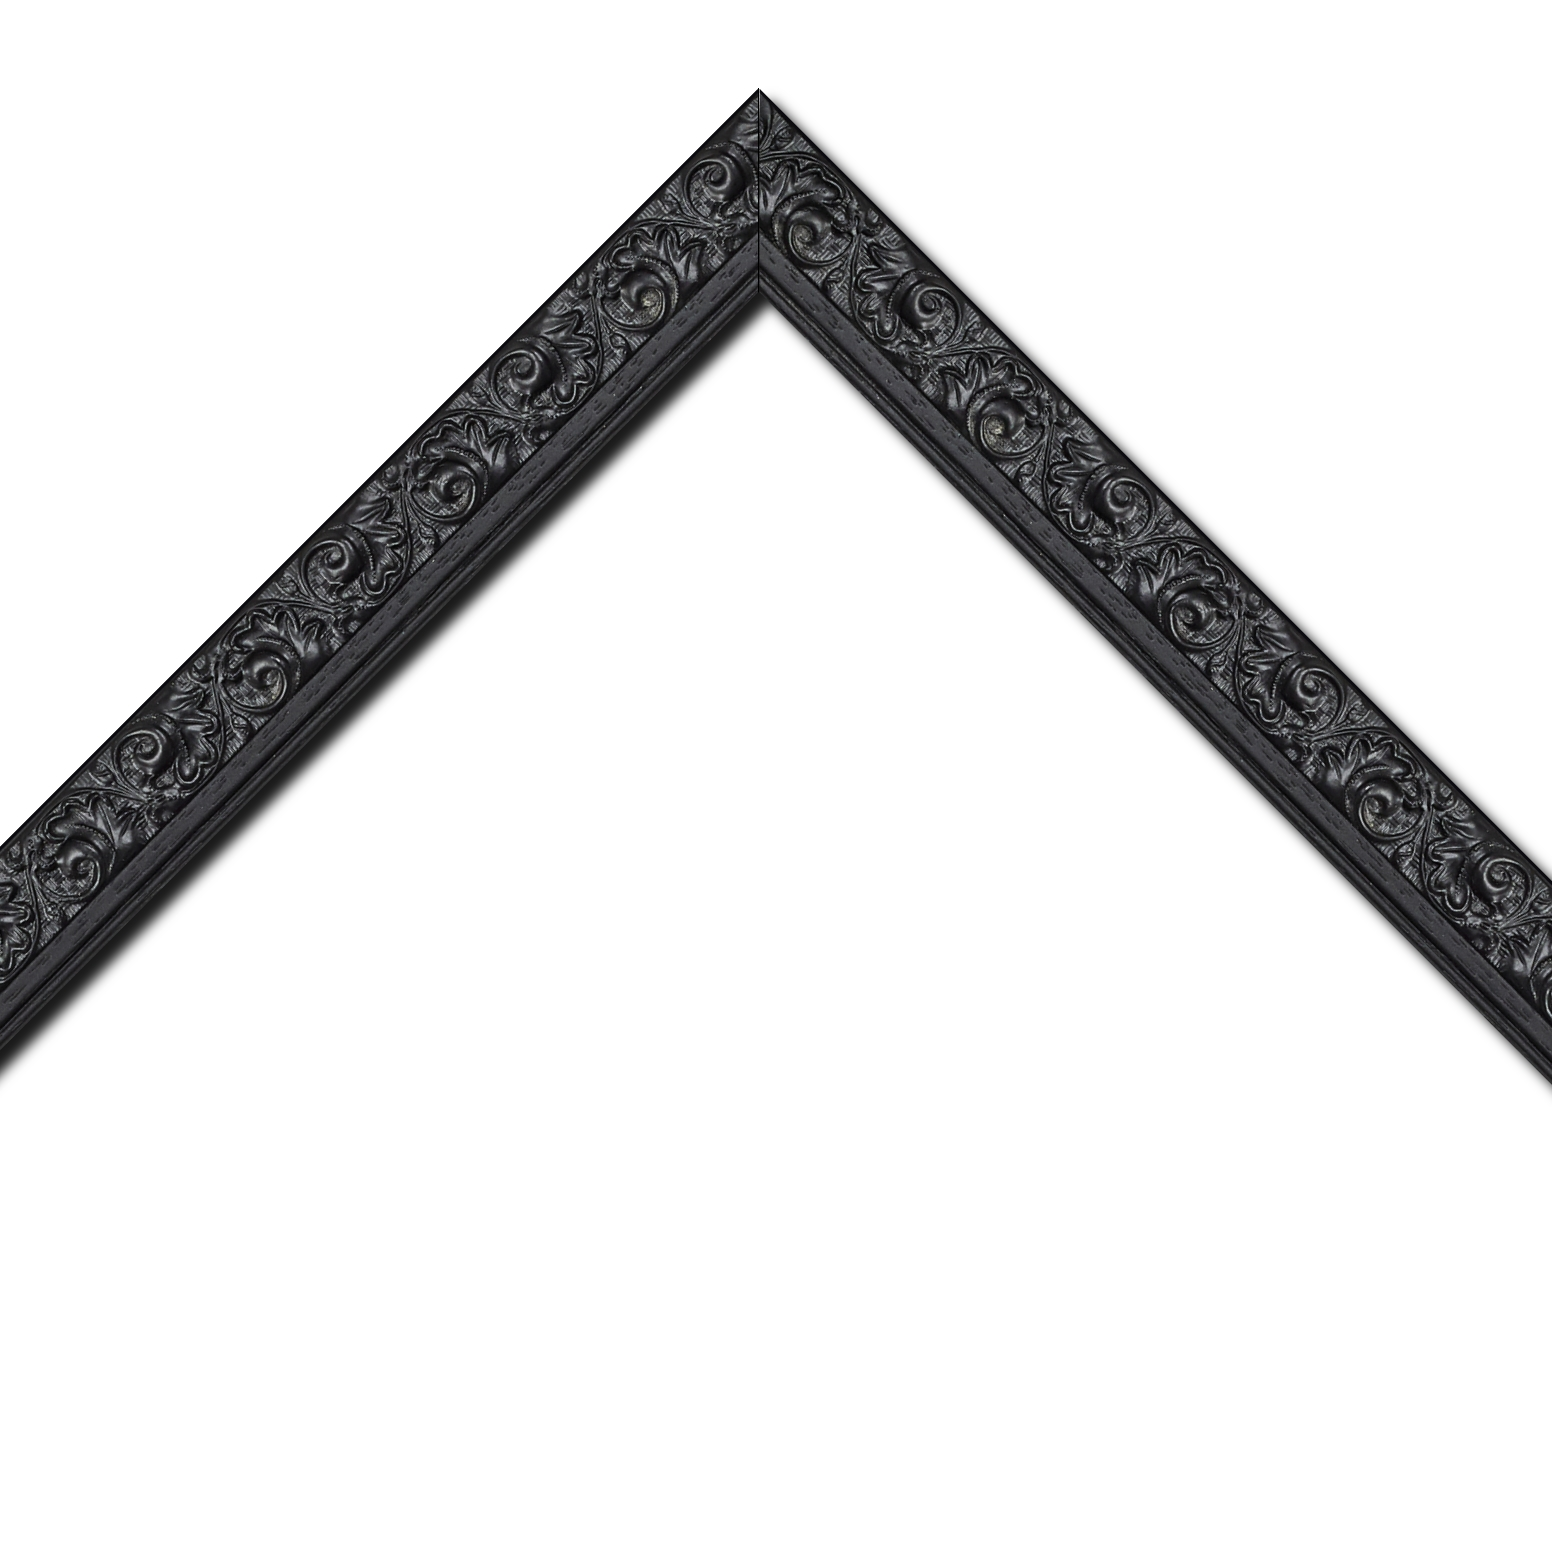 Baguette bois profil plat largeur 3.5cm couleur noir antique satiné décor frise